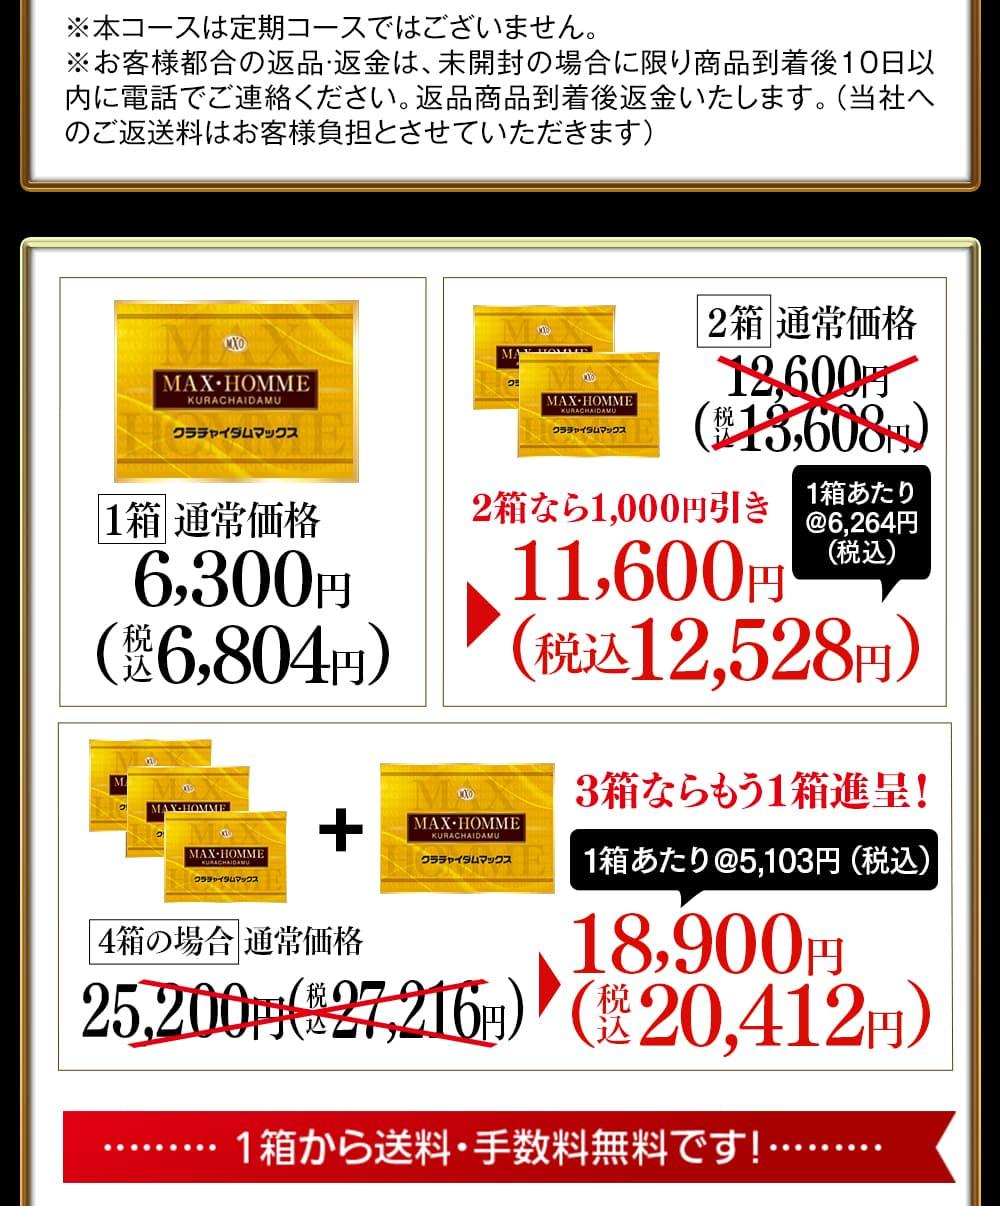 2箱なら1,000円引き11,600円3箱ならもう1箱進呈18,900円